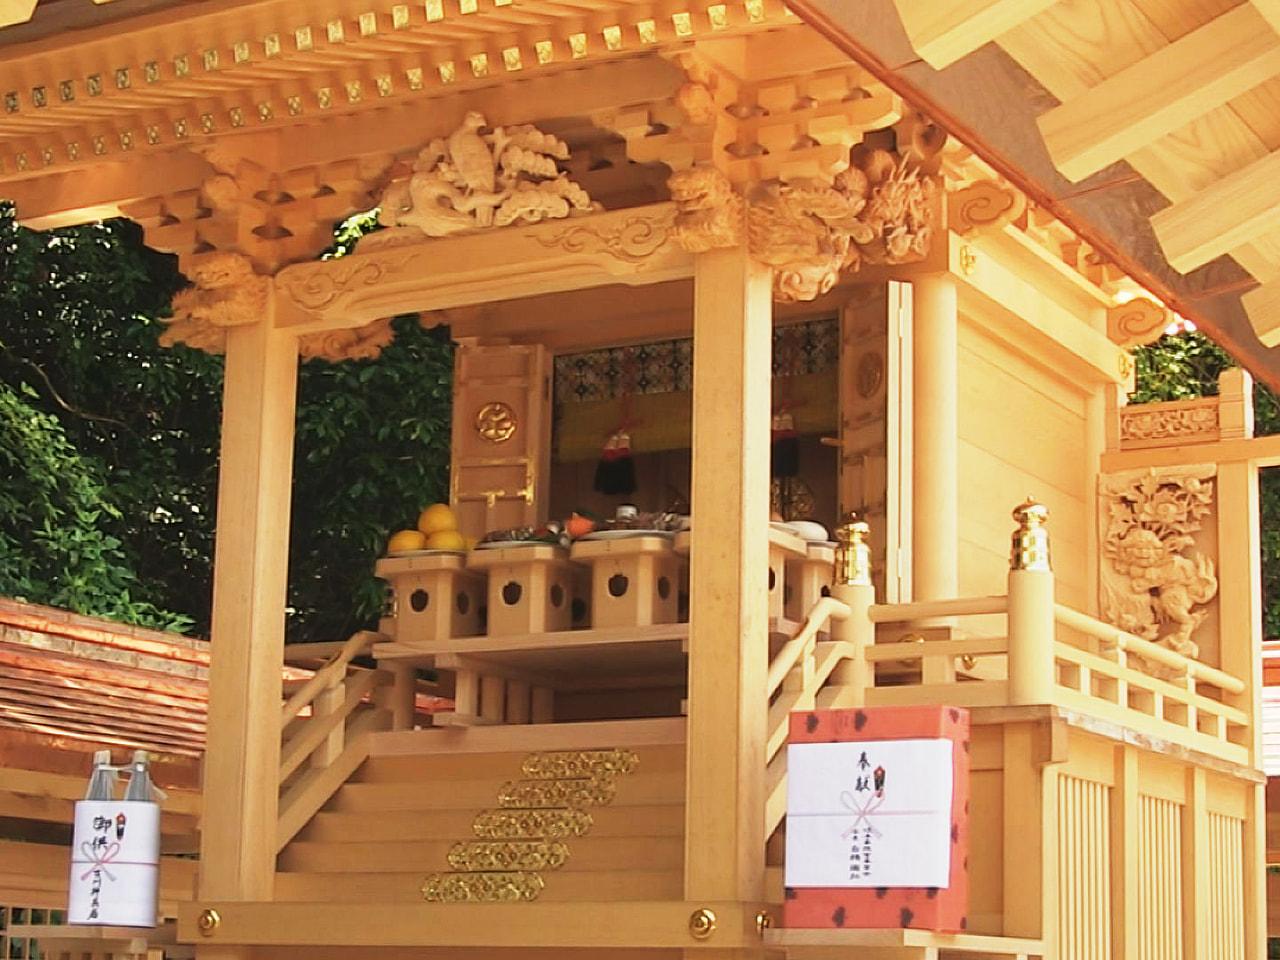 徳川家康の遺徳を顕彰する「岐阜東照宮」の新社殿が、岐阜市の伊奈波神社の境内に完成...